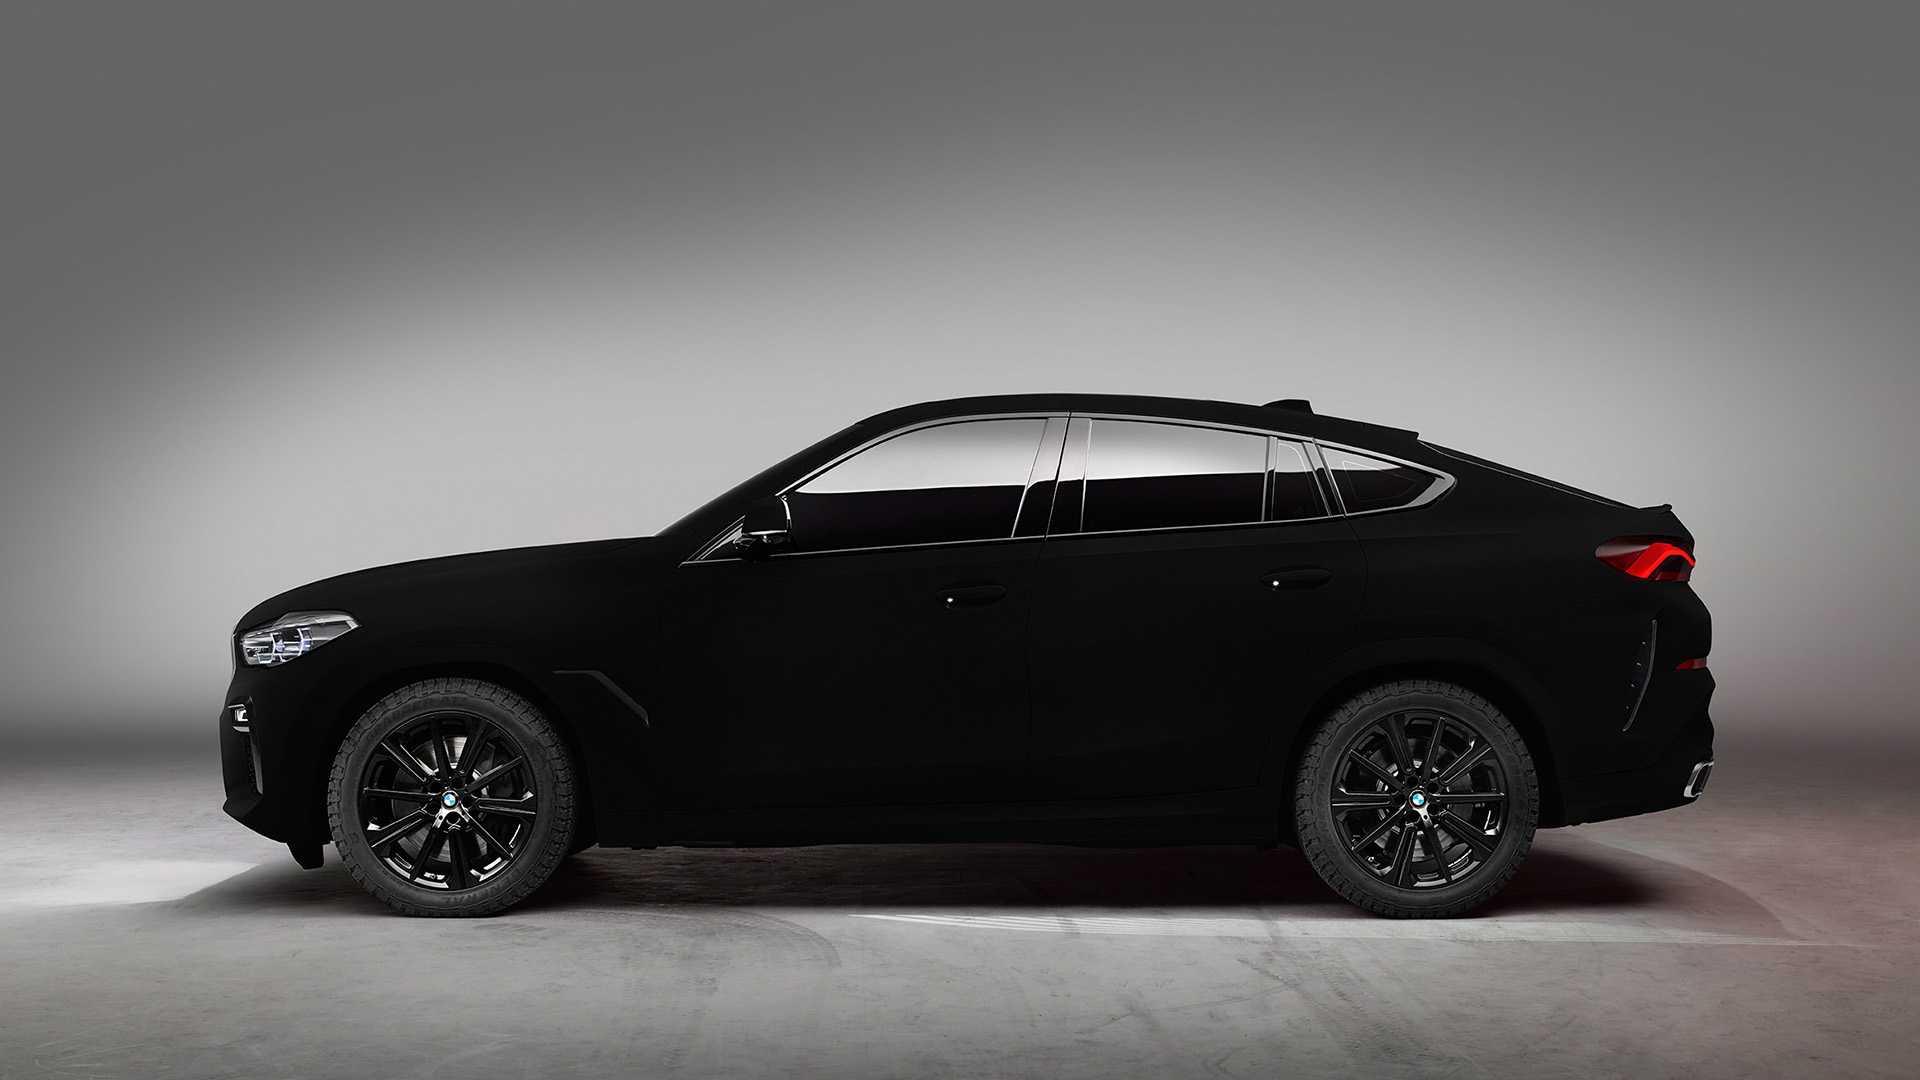 Для этого производитель взял кроссовер X6 и окрасили его в самый черный в мире цвет